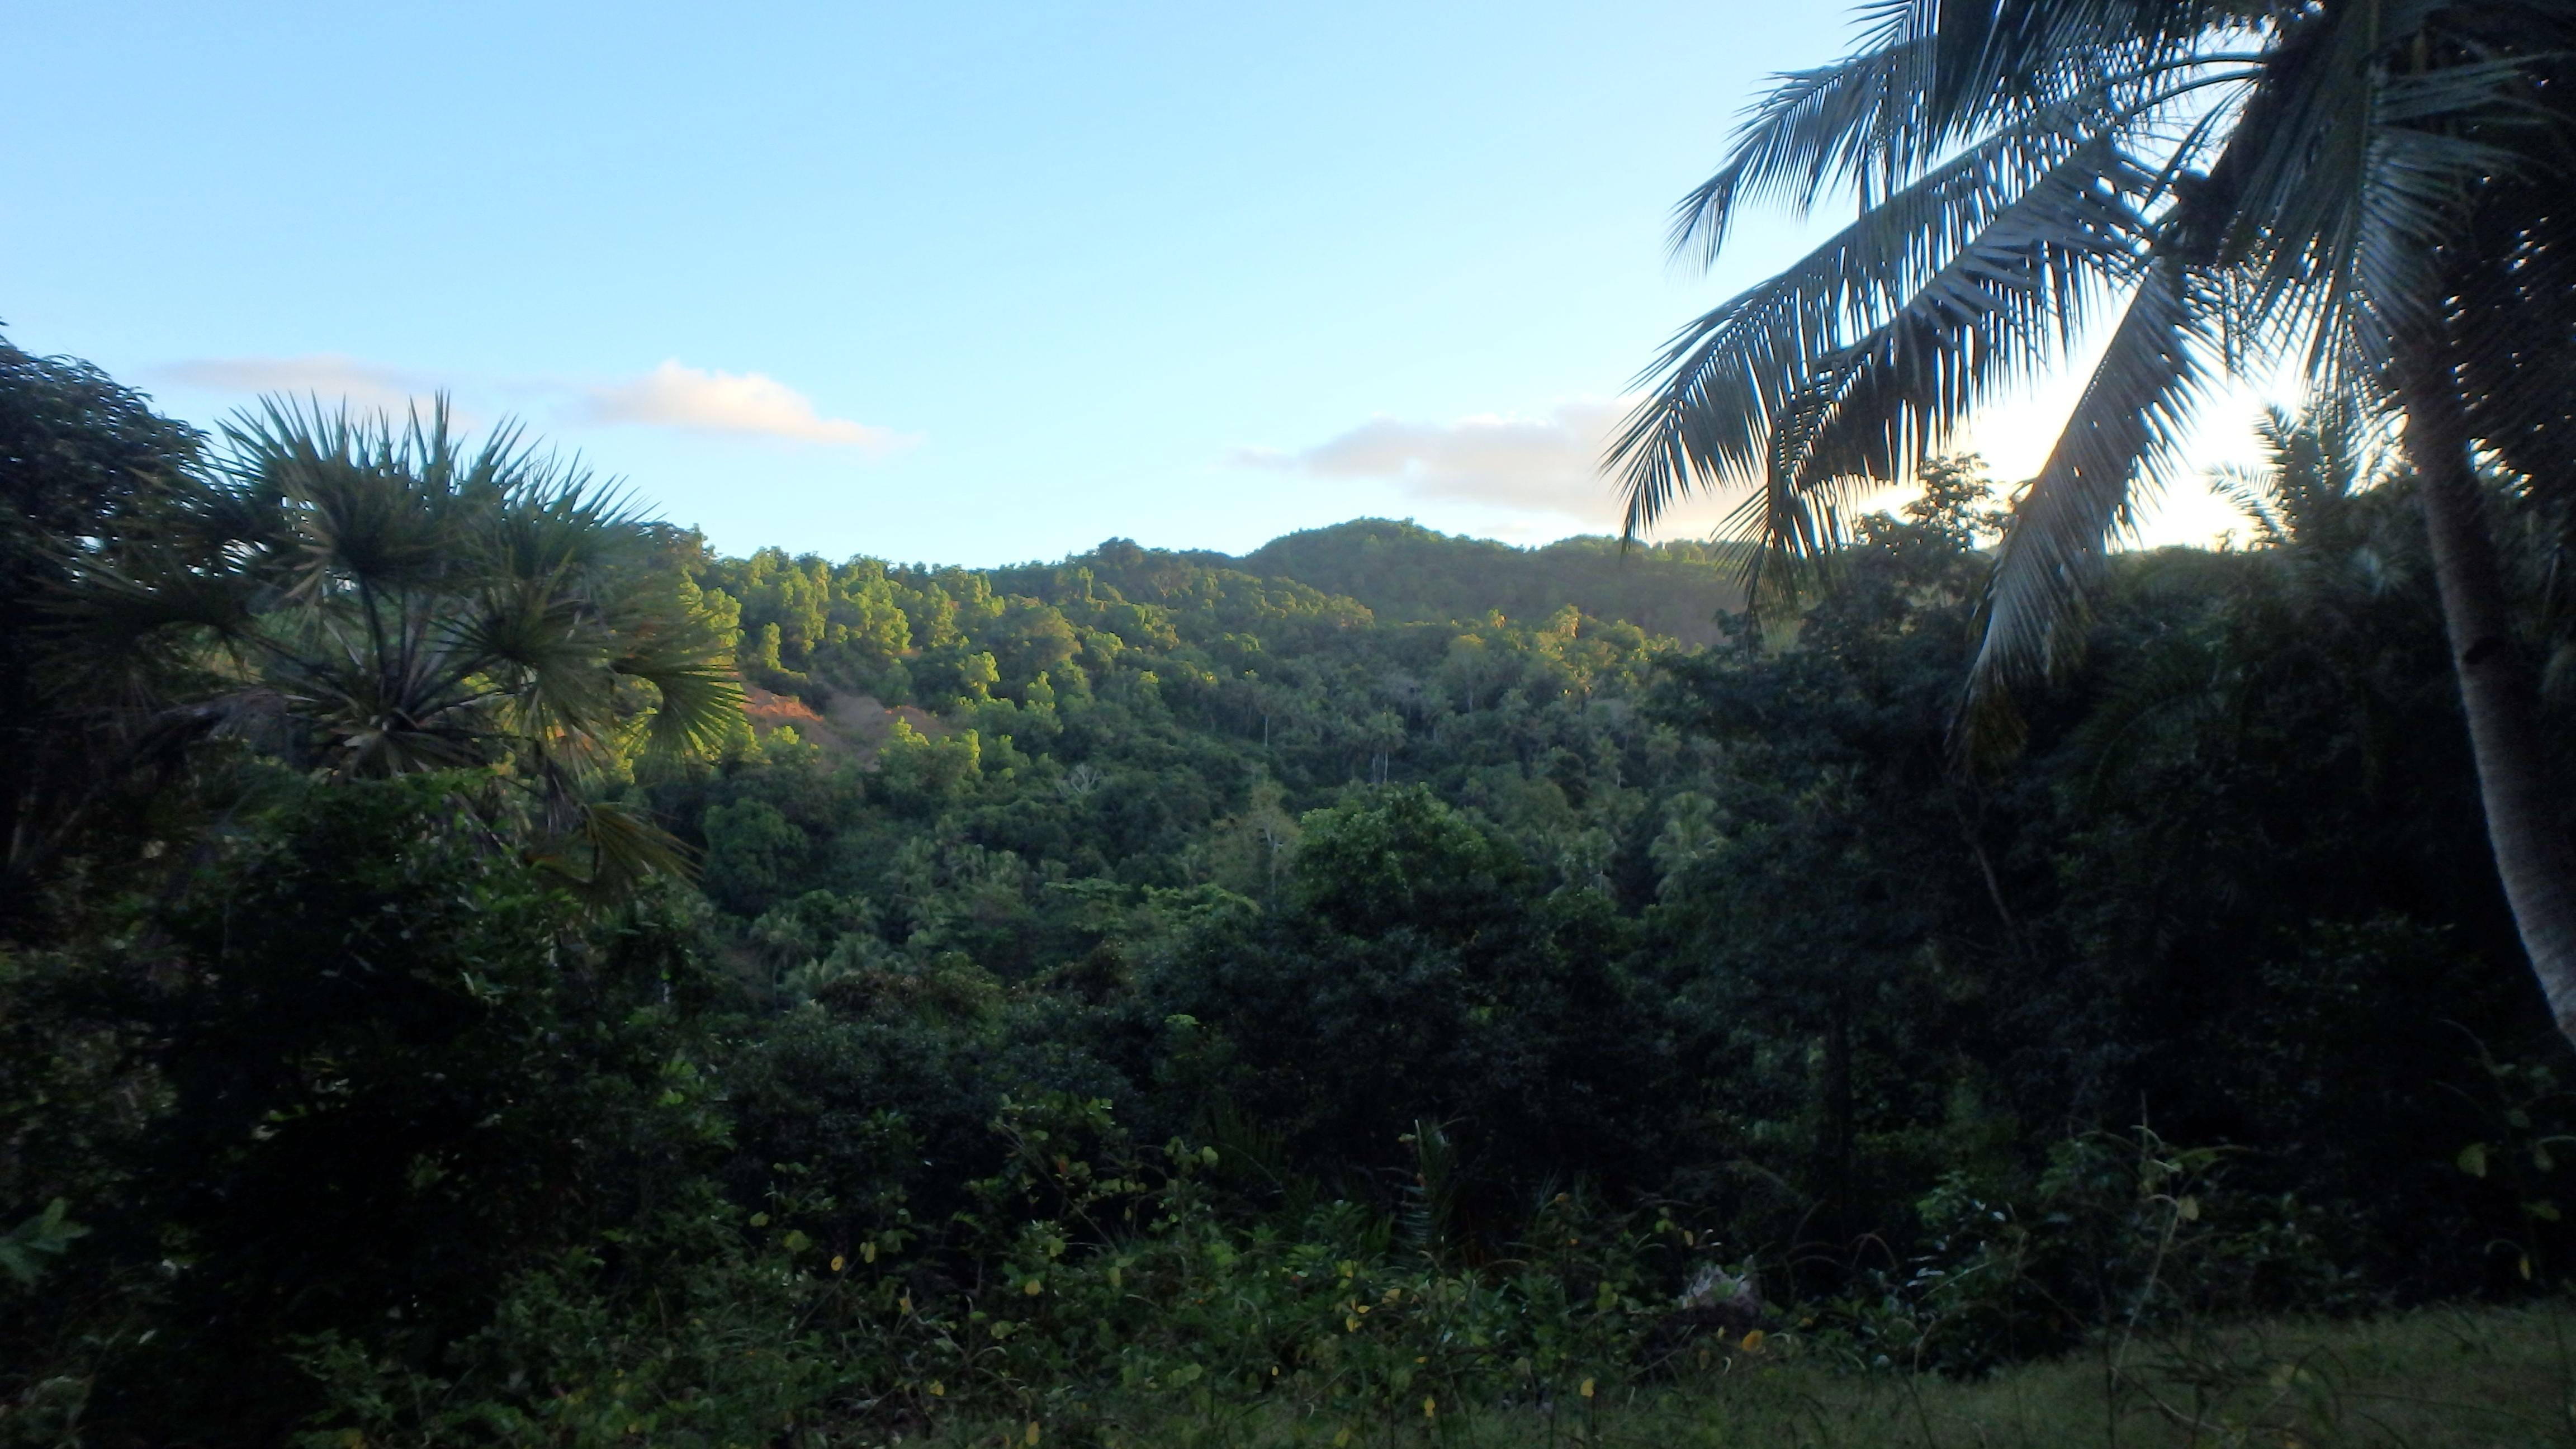 Ecofor - Tropical